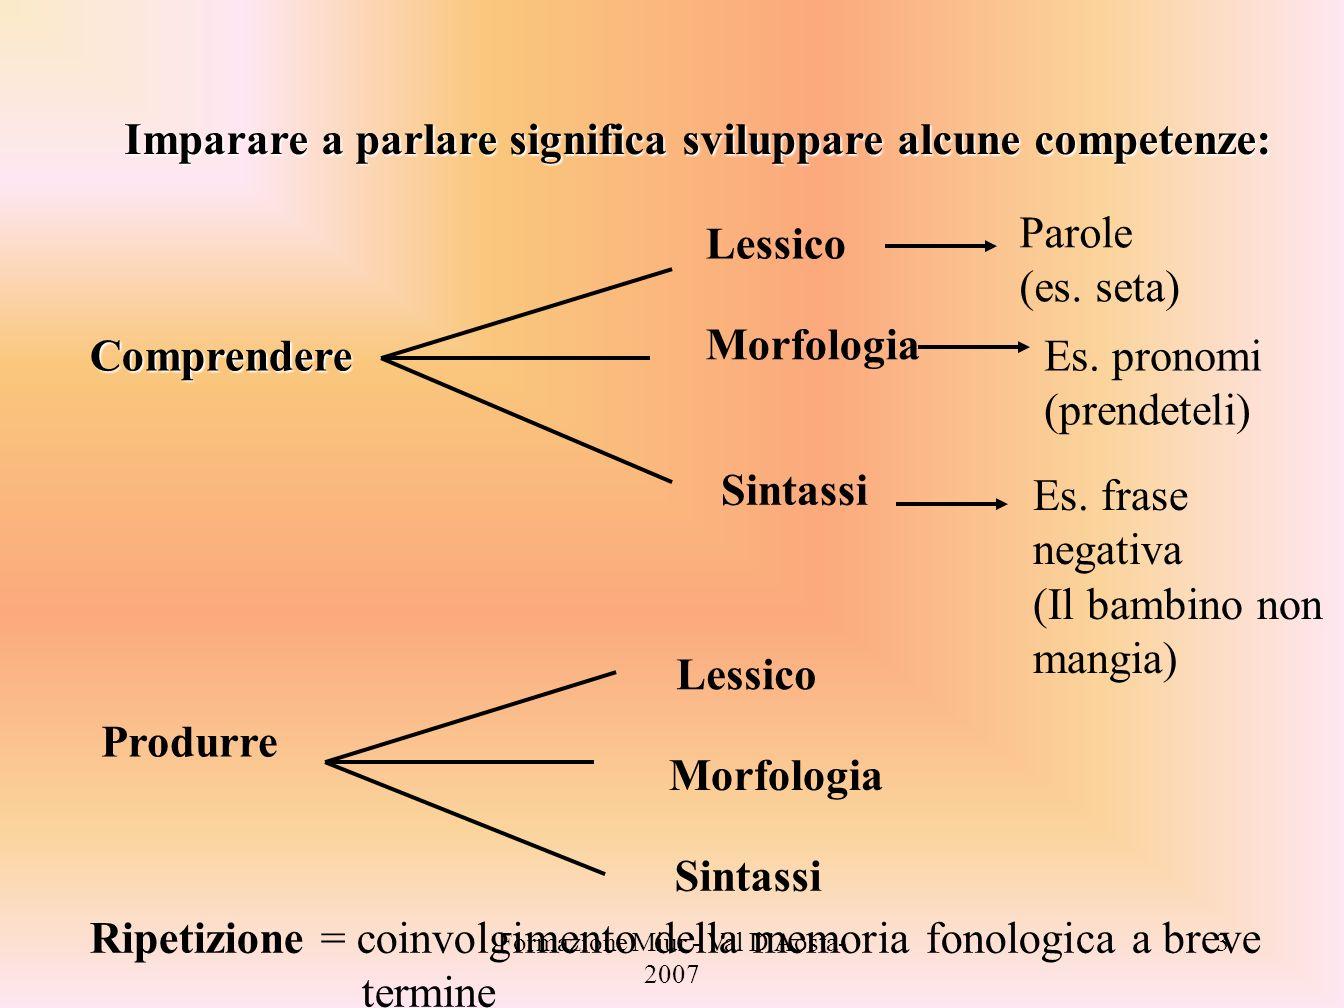 Formazione Miur - Val D Aosta- 2007 34 PAROLA SCRITTA SISTEMA DI ANALISI VISIVA LESSICO DI ENTRATA VISIVO SISTEMA SEMANTICO LESSICO DI USCITA FONOLOGICO BUFFER FONEMICO PAROLA LETTA CONVERSIONE SCRITTO/SUONO MODELLO DI LETTURA A DUE VIE